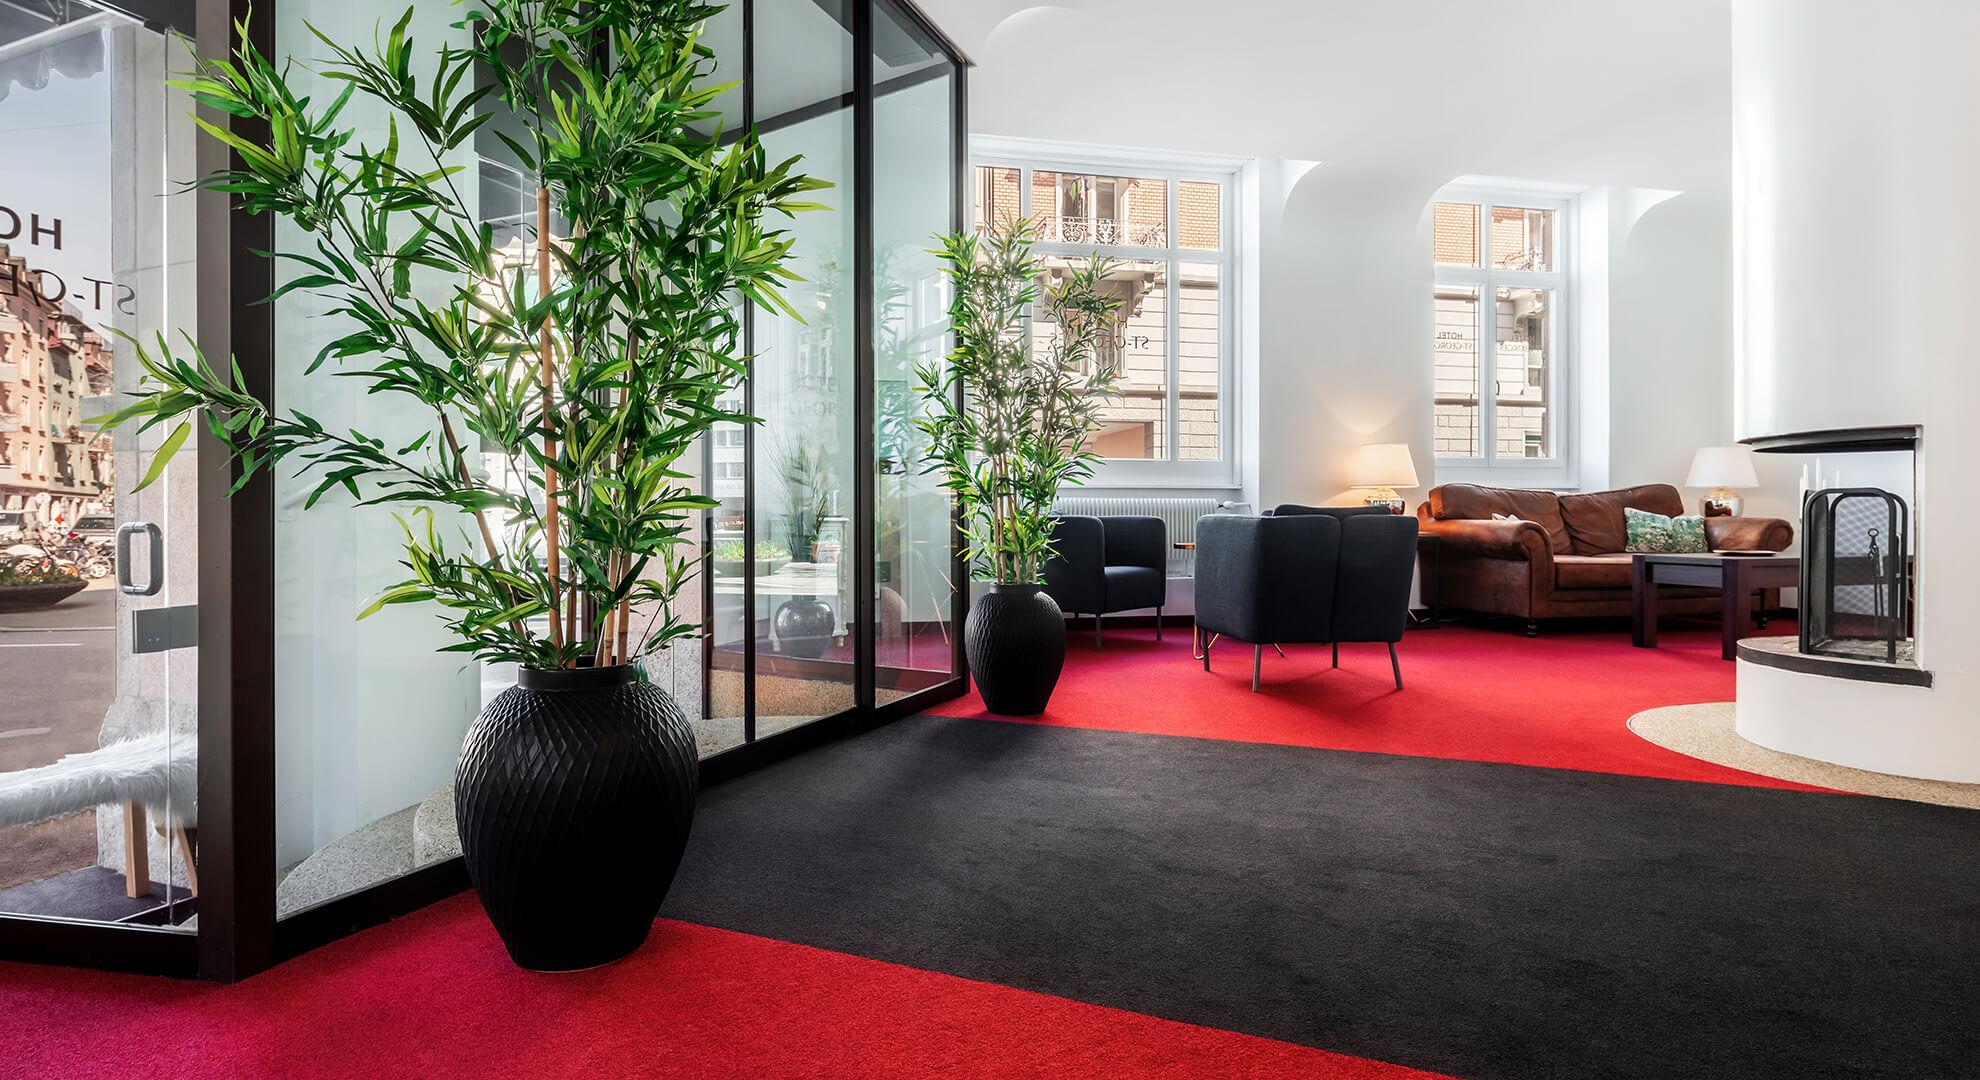 hagedorn & partner gmbh – Referenzobjekt: Hotel St. Georges, Zürich – Teppicherneuerung